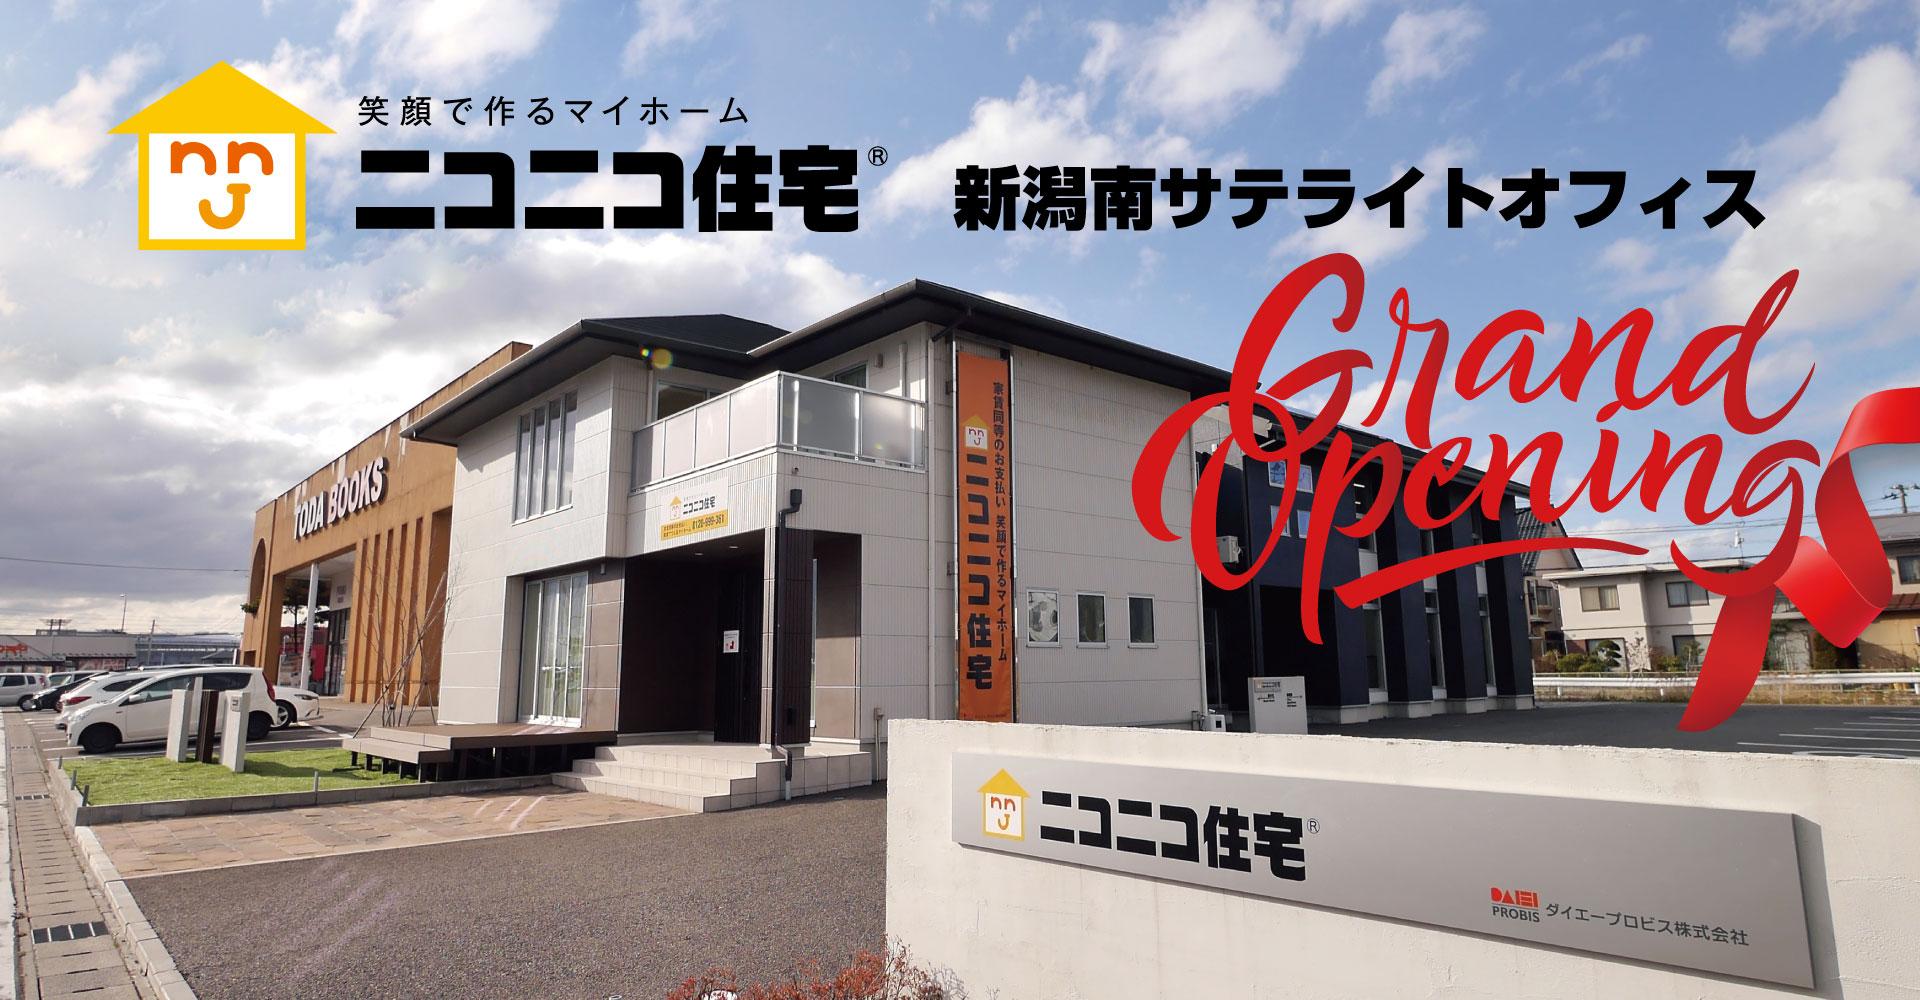 ニコニコ住宅新潟 新潟南サテライトオフィスグランドオープン